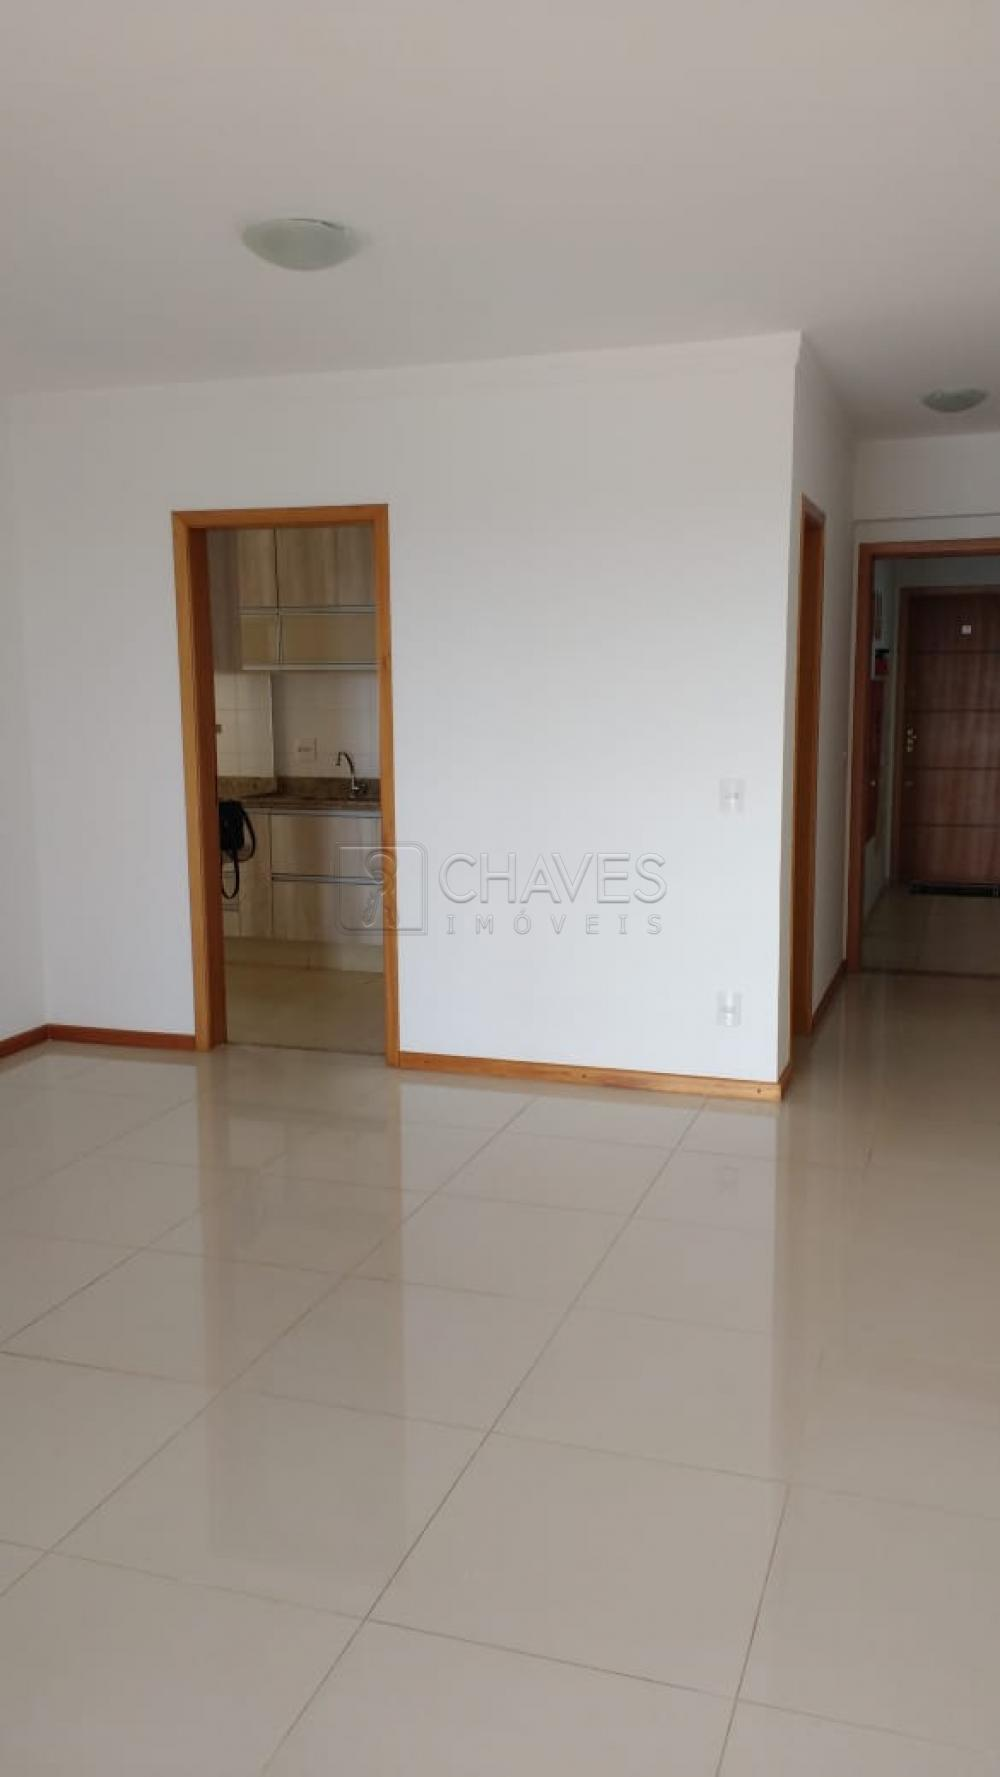 Alugar Apartamento / Padrão em Ribeirão Preto apenas R$ 2.300,00 - Foto 2